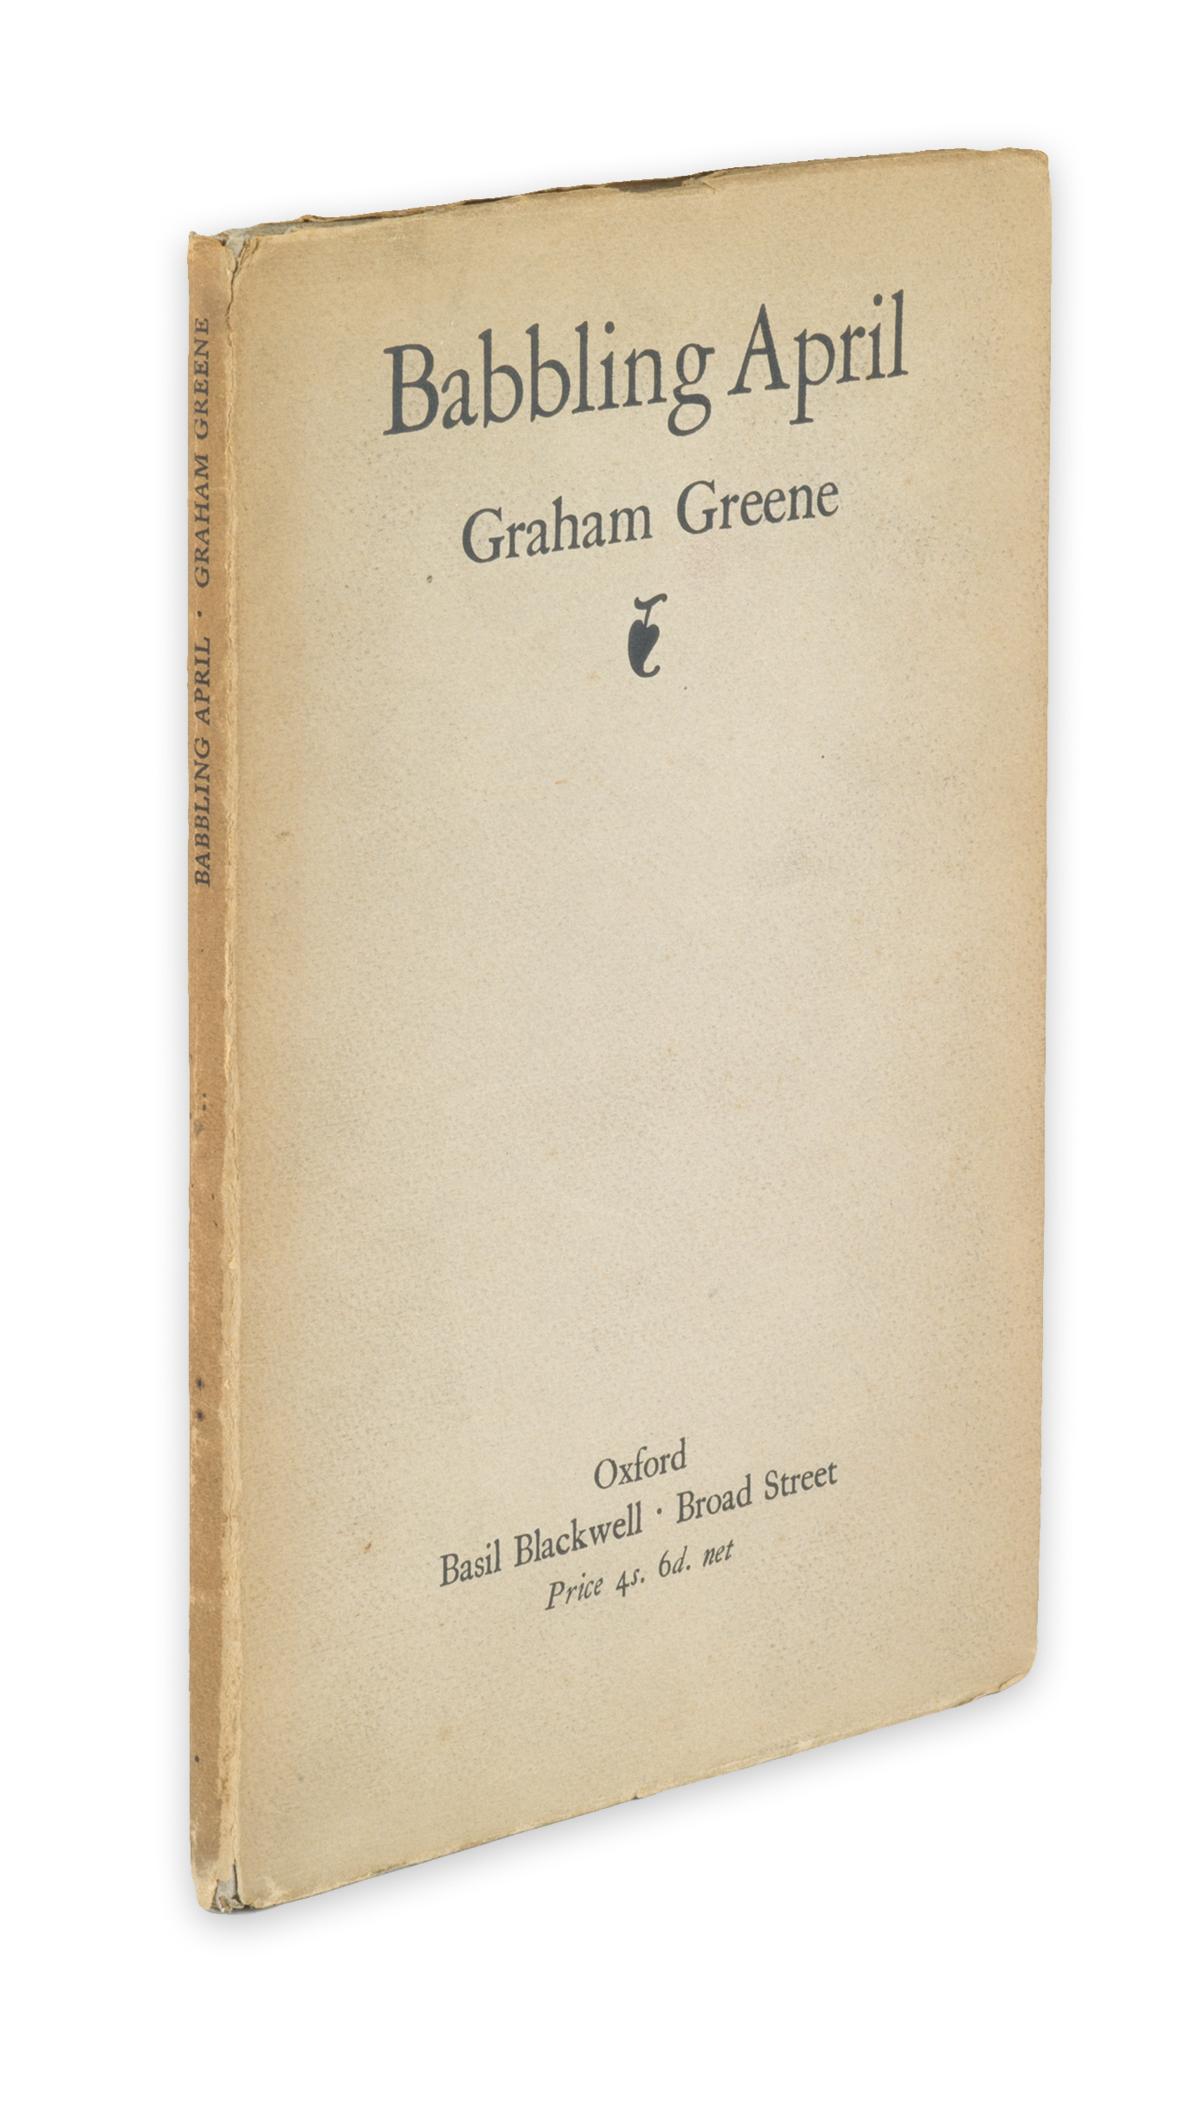 GREENE, GRAHAM. Babbling April.